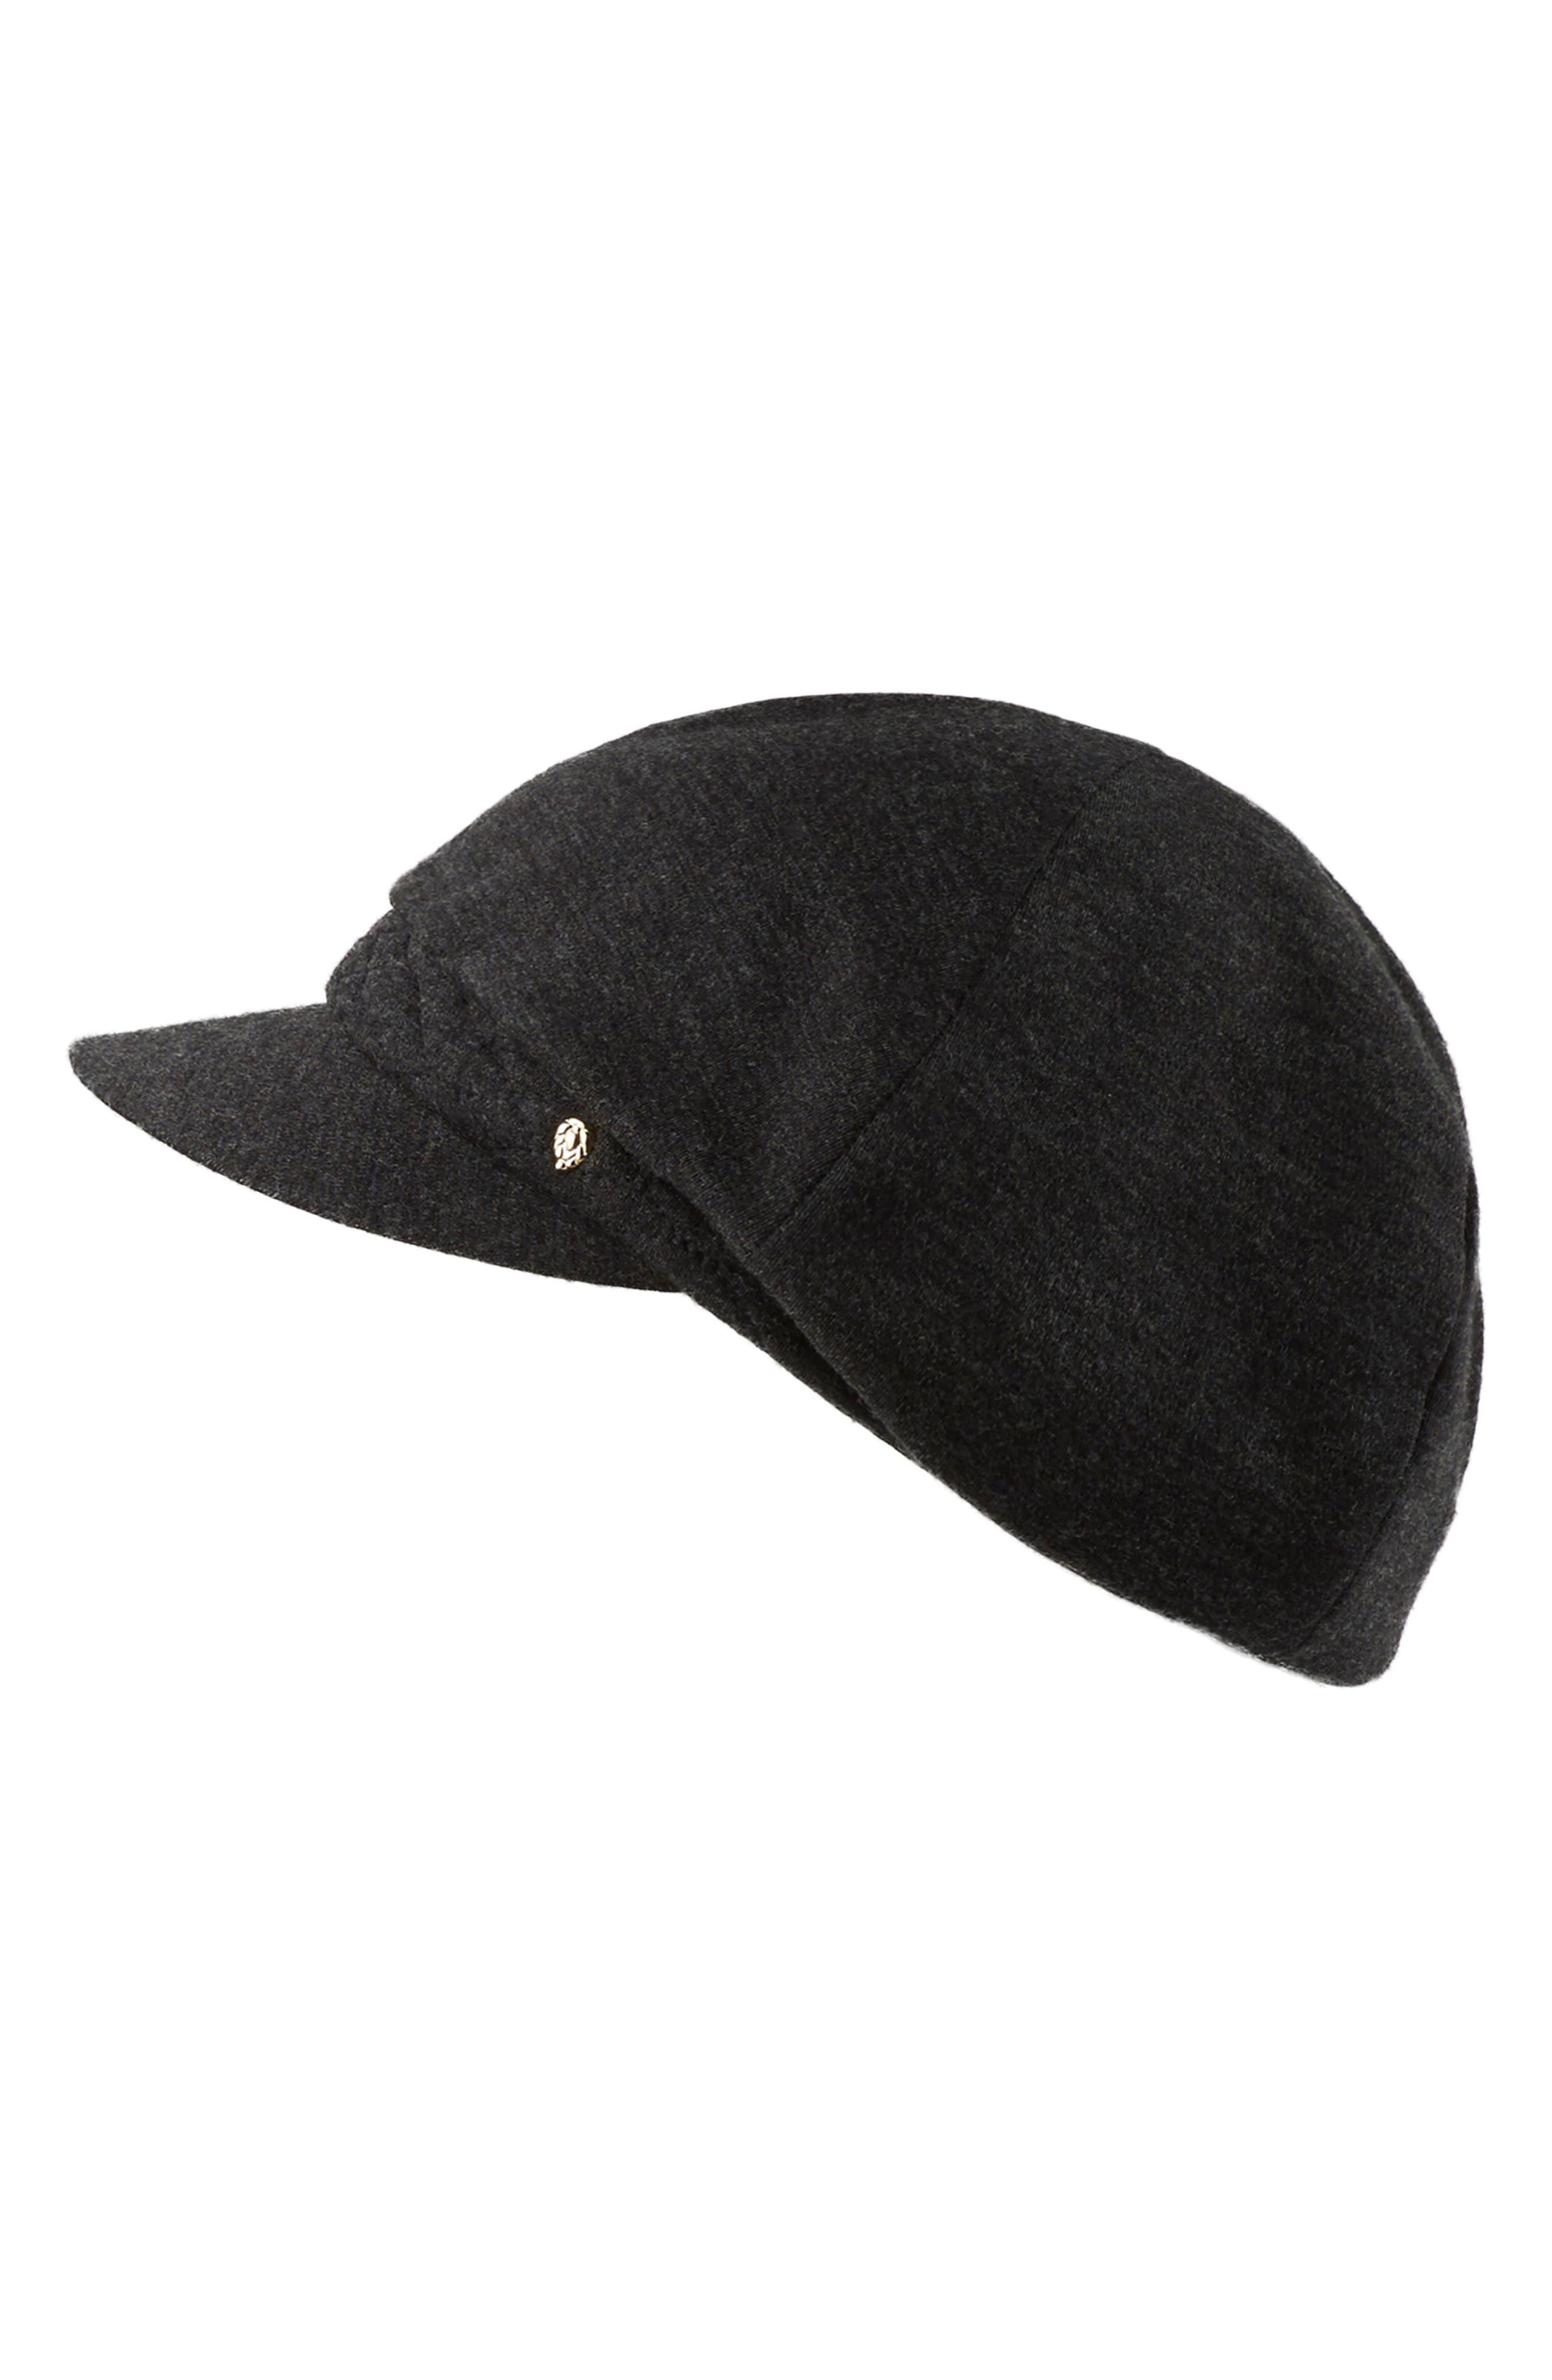 c99eaf1a644 Helen Kaminski Hats   Visors for Women